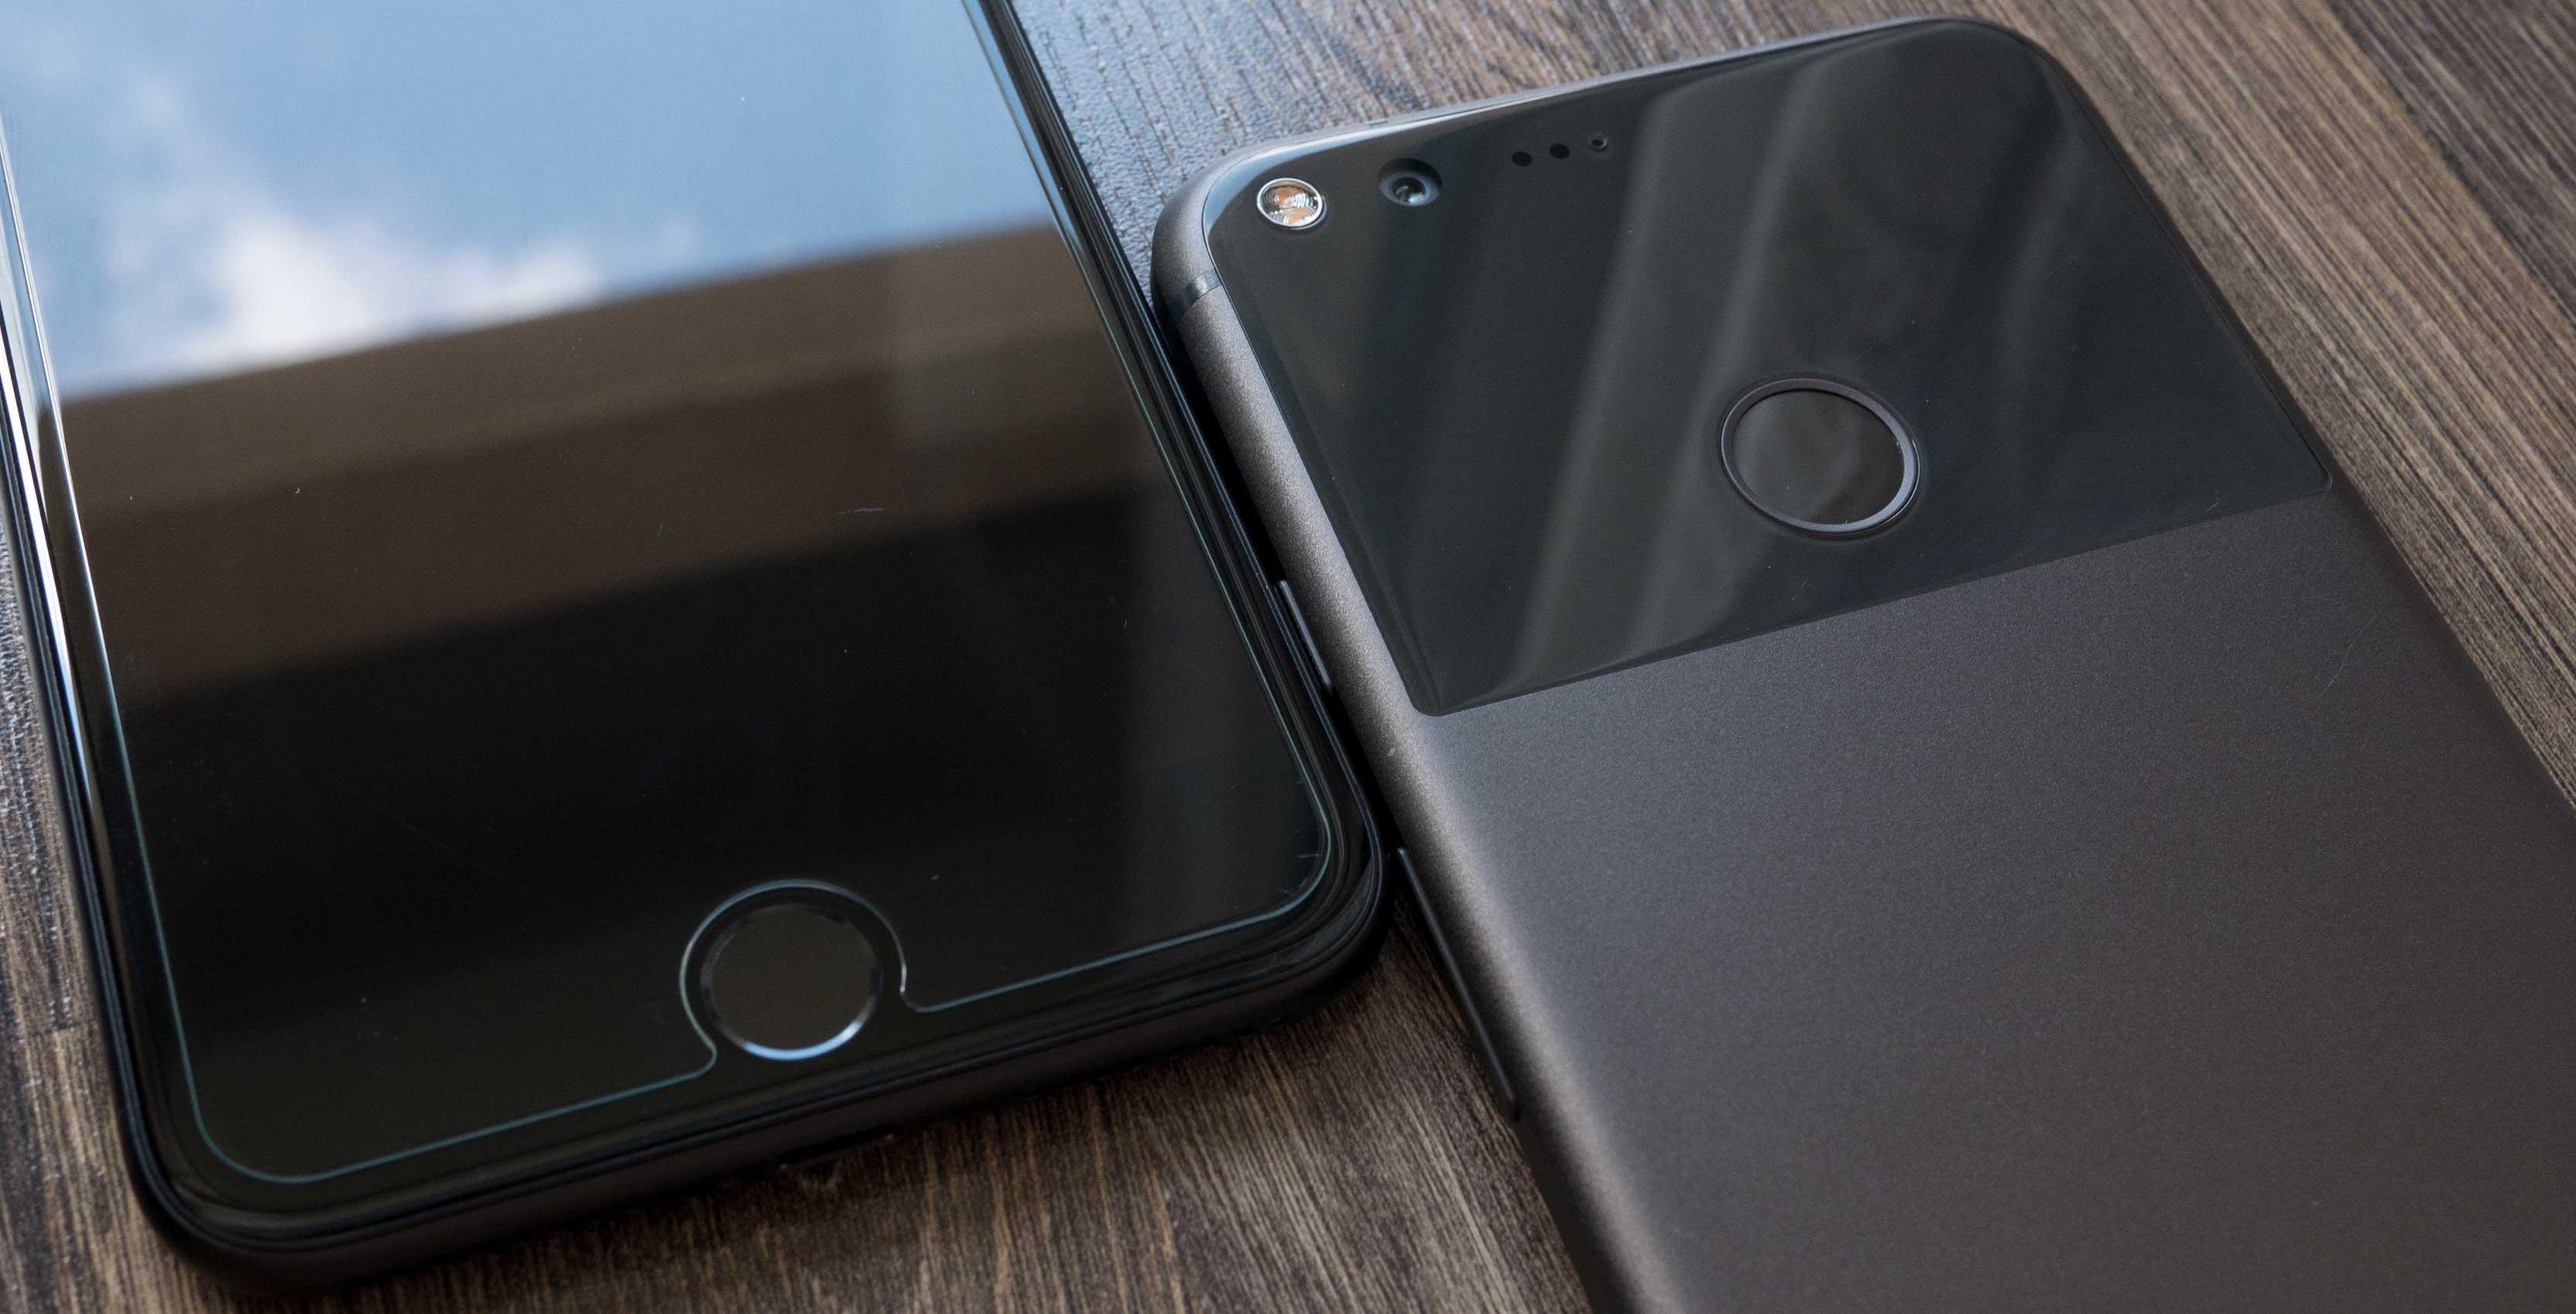 Front, back or side: Where should a smartphone fingerprint sensor be